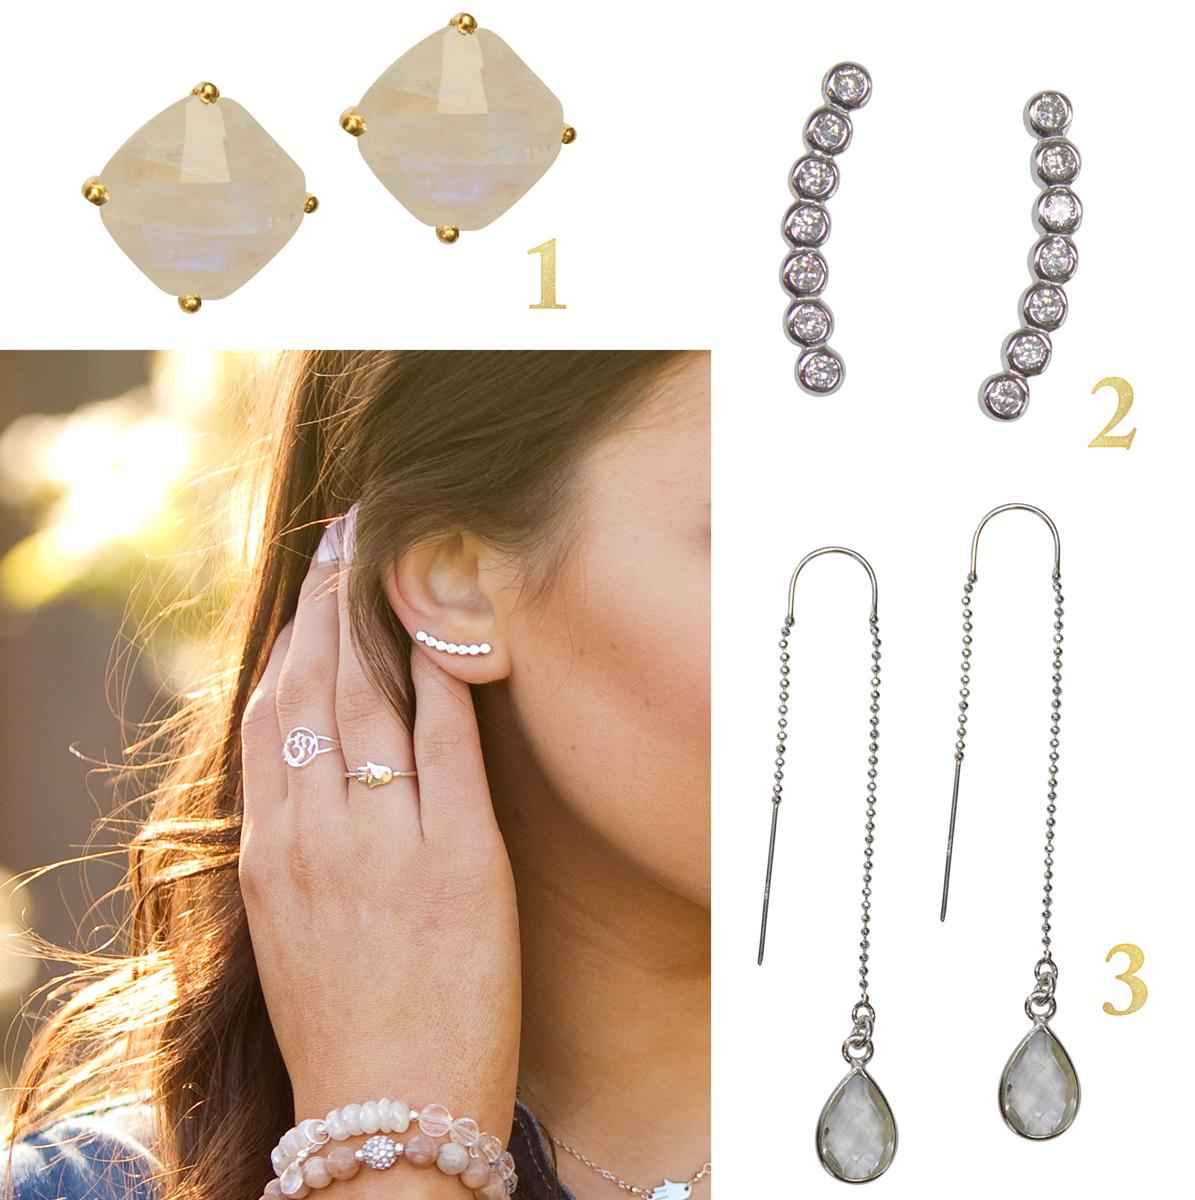 Earring Types Jewelry Nomenclature Gem Earrings